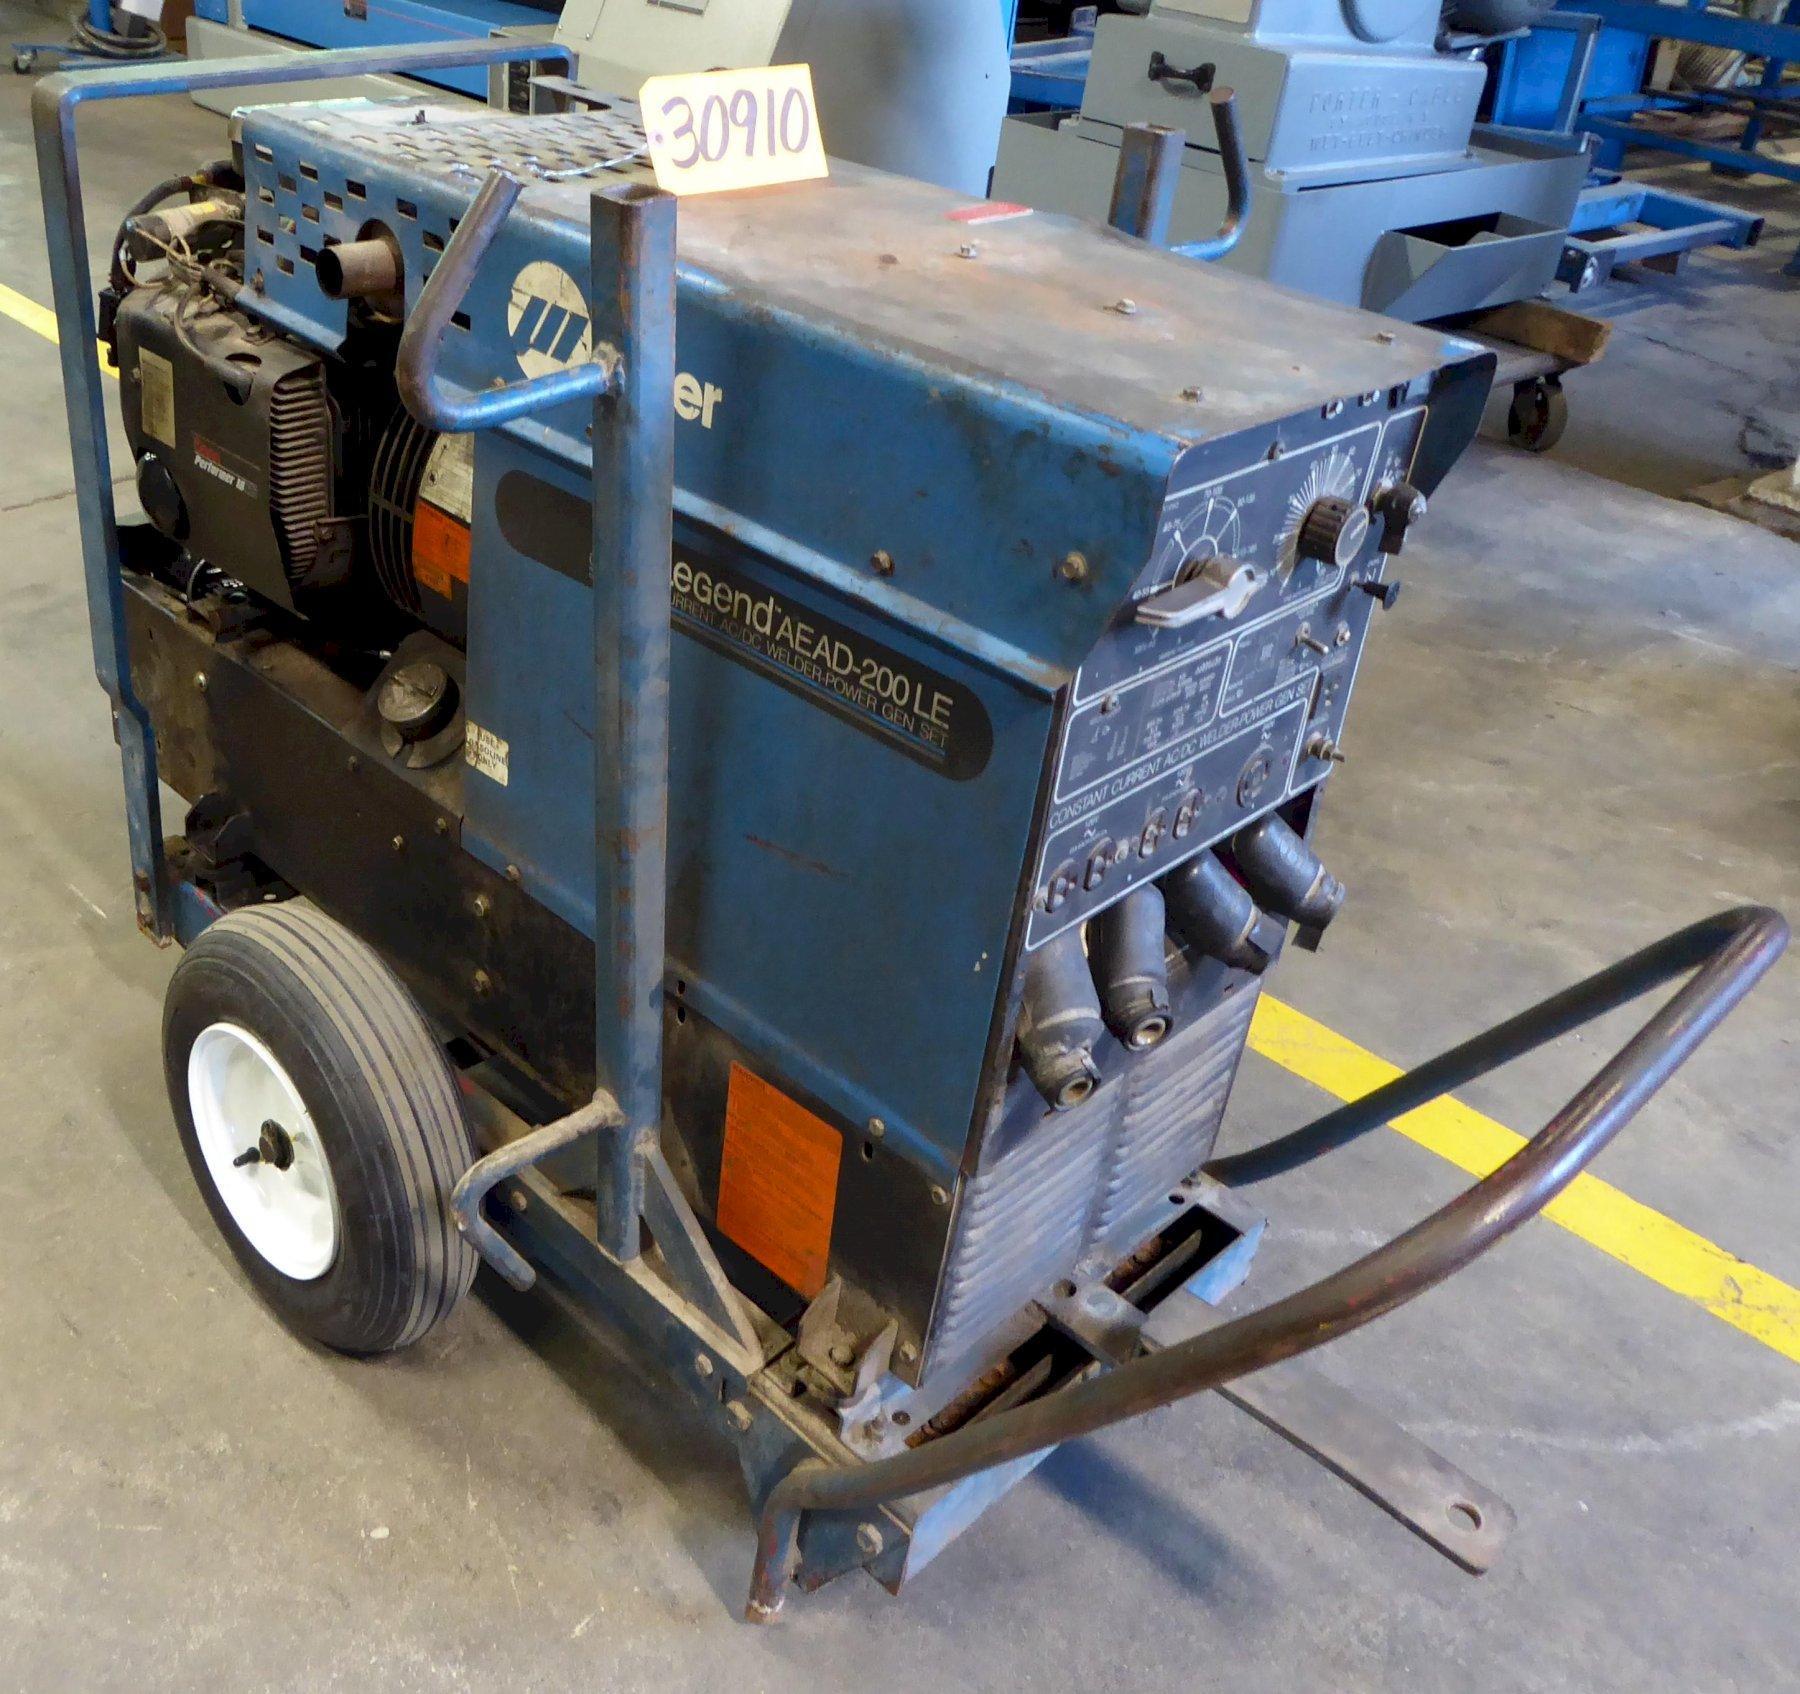 Miller Welder/Generator Legend AEAD-200LE, 225 Amp AC Welder, 4000 Watt Generator